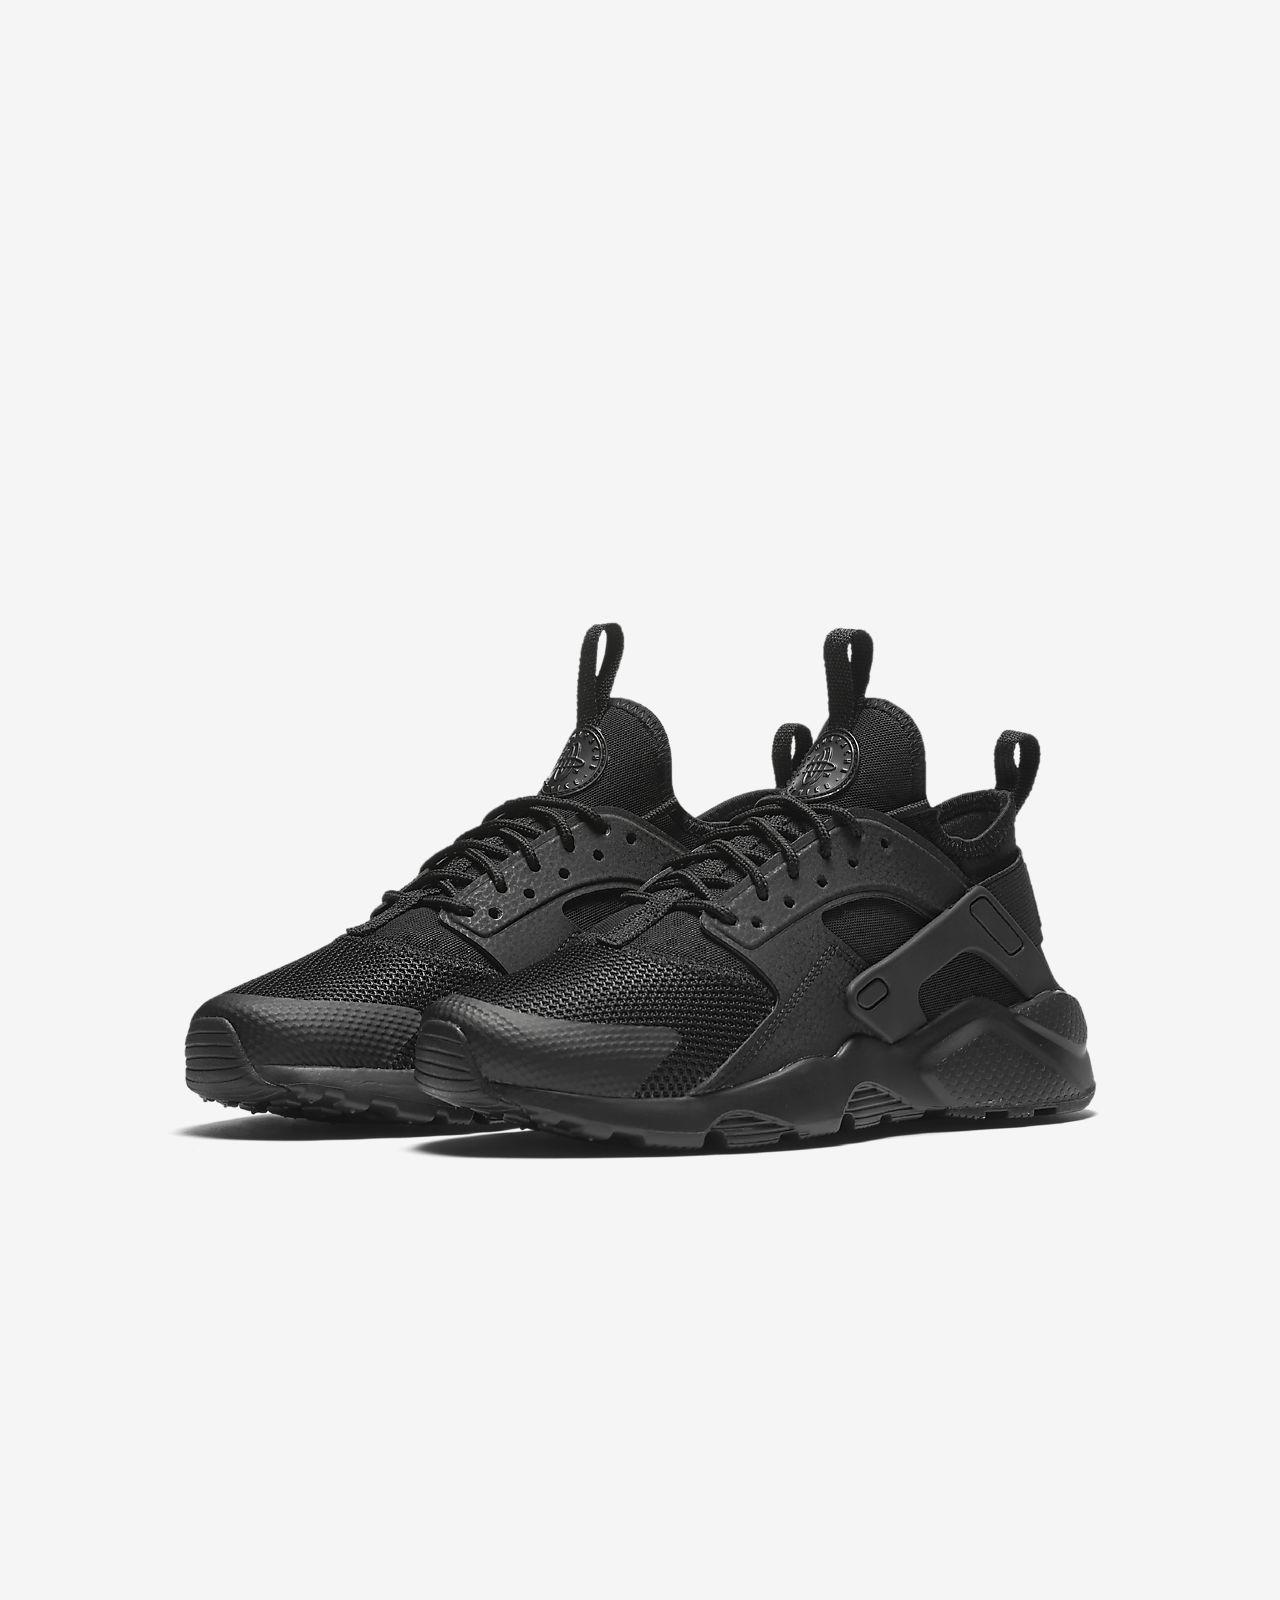 best website 4b575 87d21 ... Chaussure Nike Air Huarache Ultra pour Enfant plus âgé